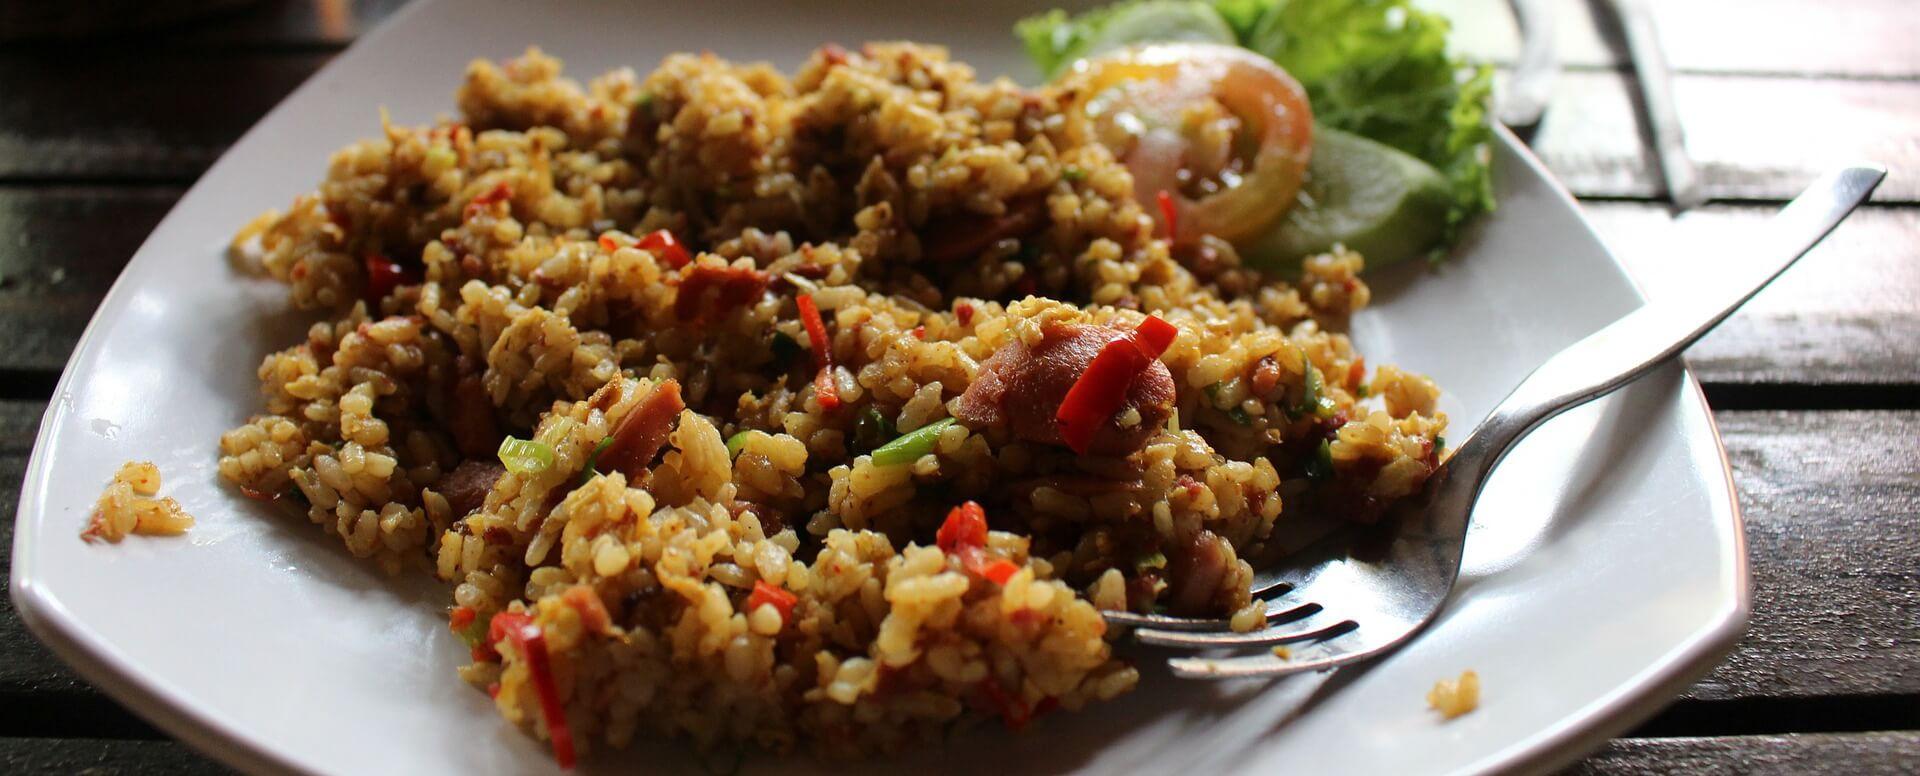 Les plats typiques et populaires - Indonésie